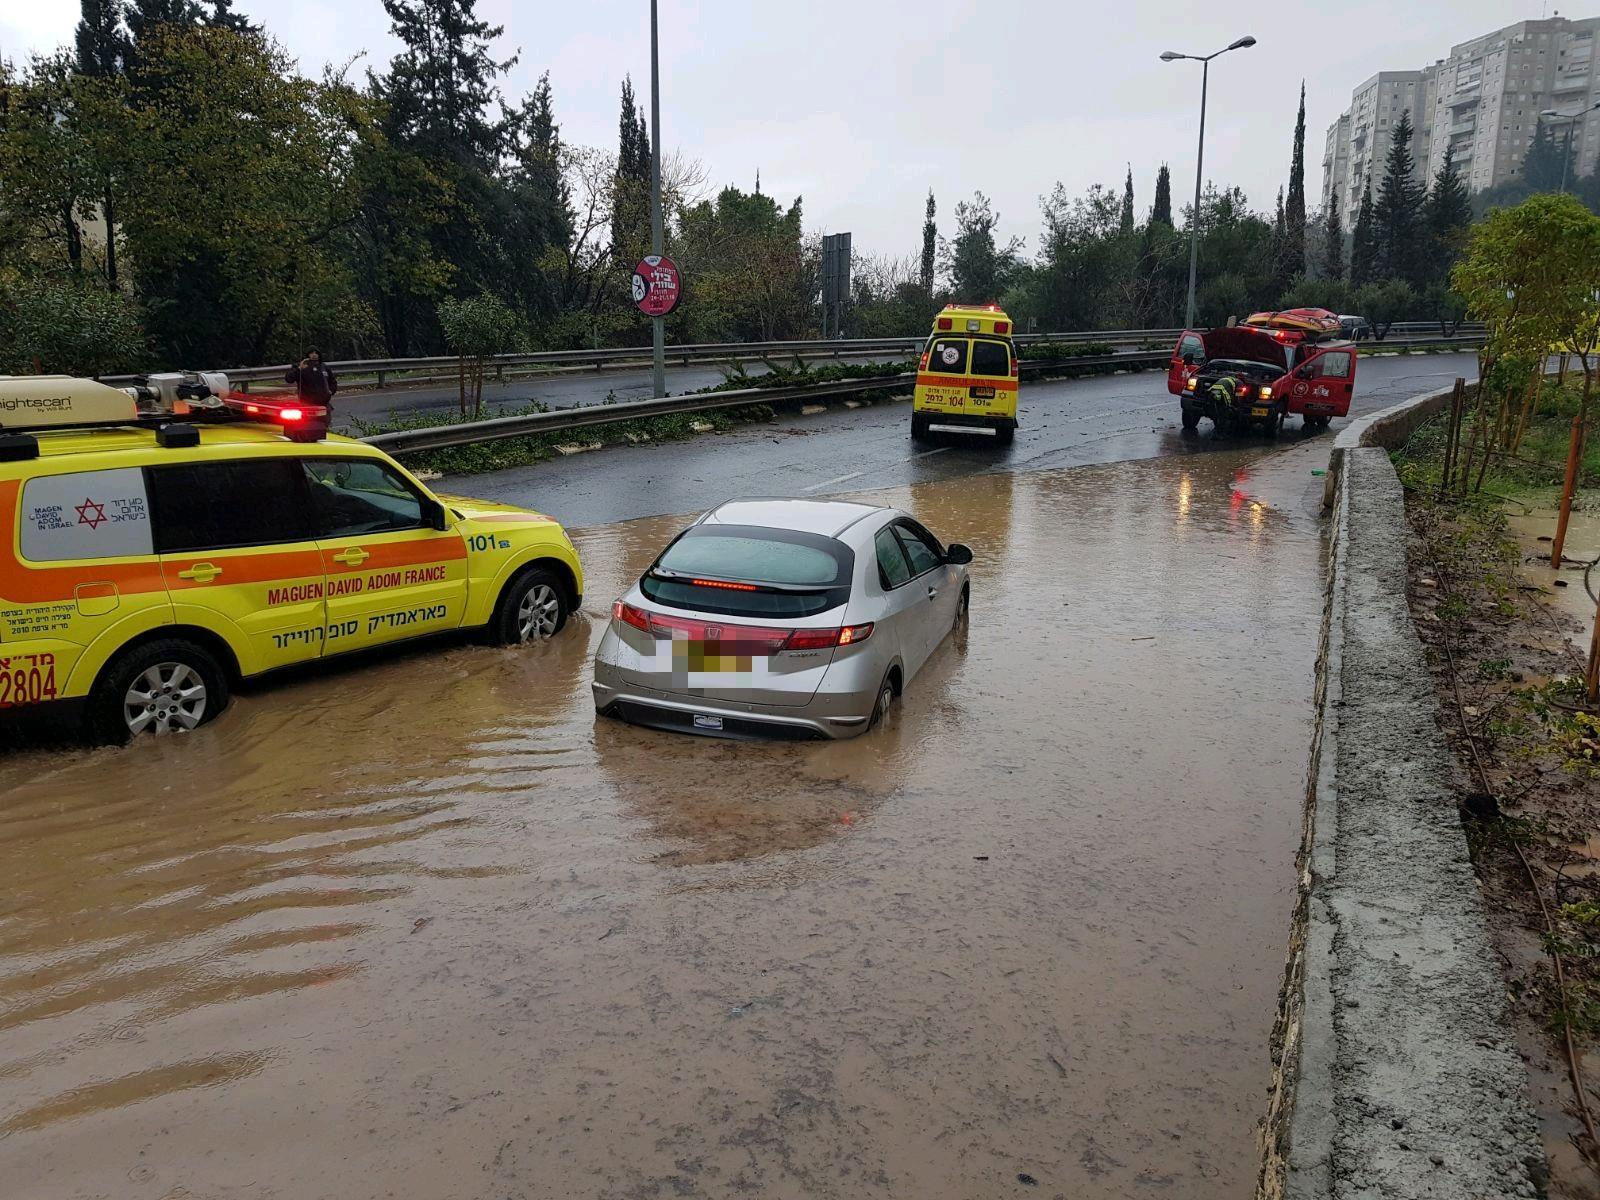 إنقاذ فتاة وسائقة سيارة غمرتها المياه في حيفا